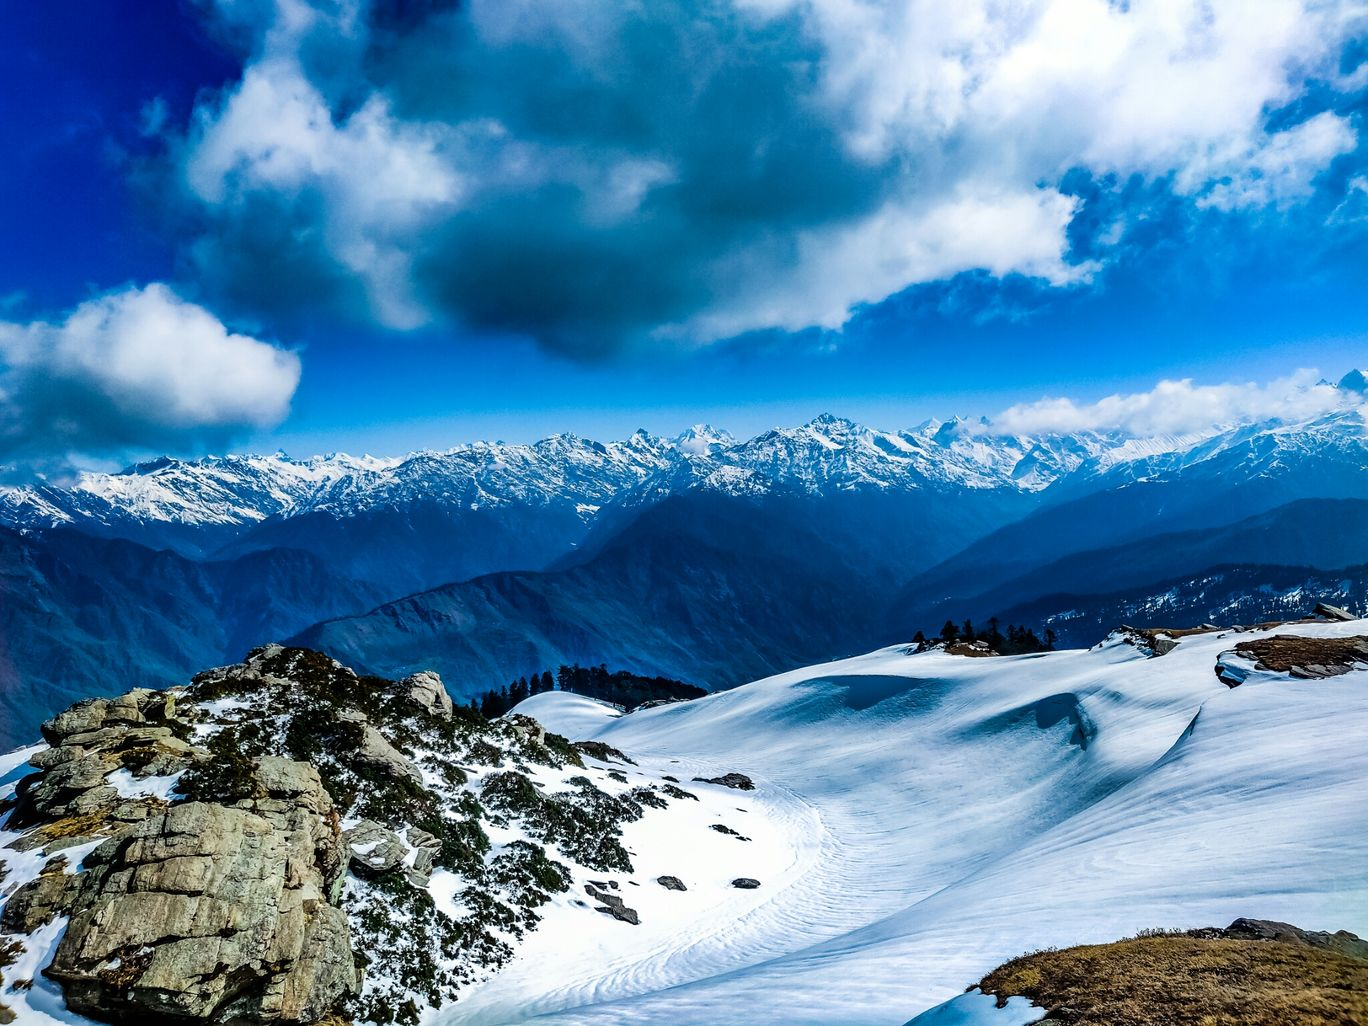 Photo of Kedarkantha Summit By Sandeep Sen